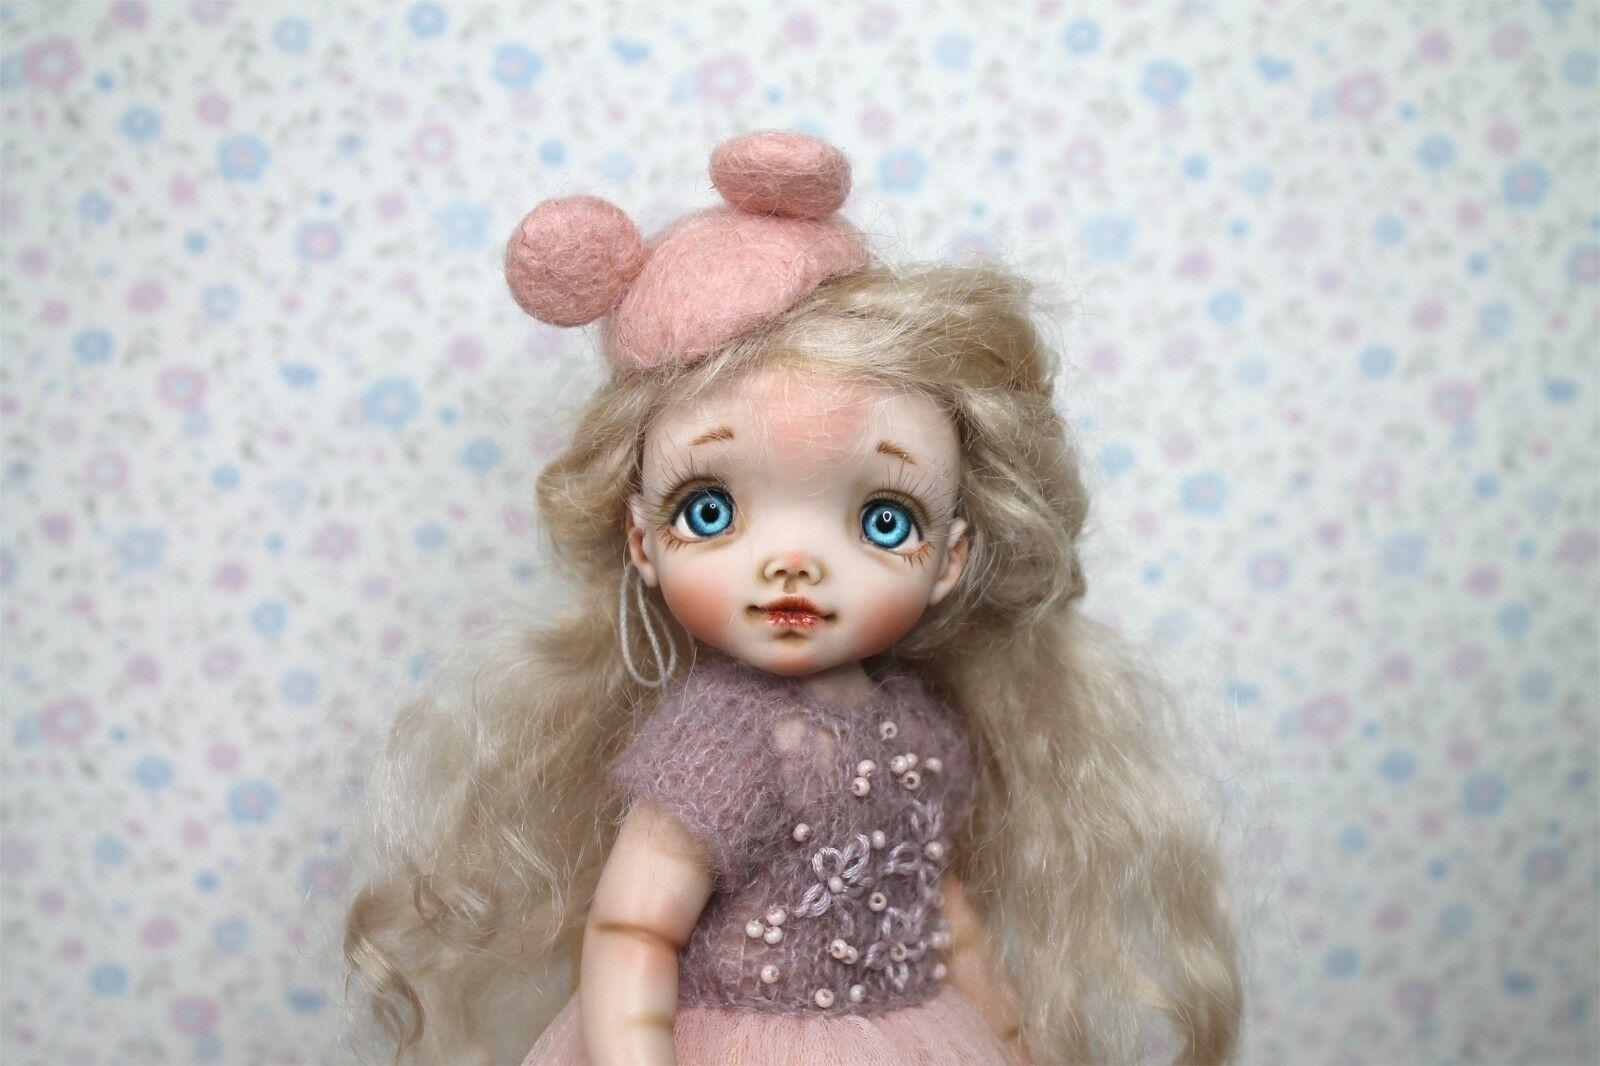 OOAK muñeca hecha a mano artistas muñeca talla 18 cm.